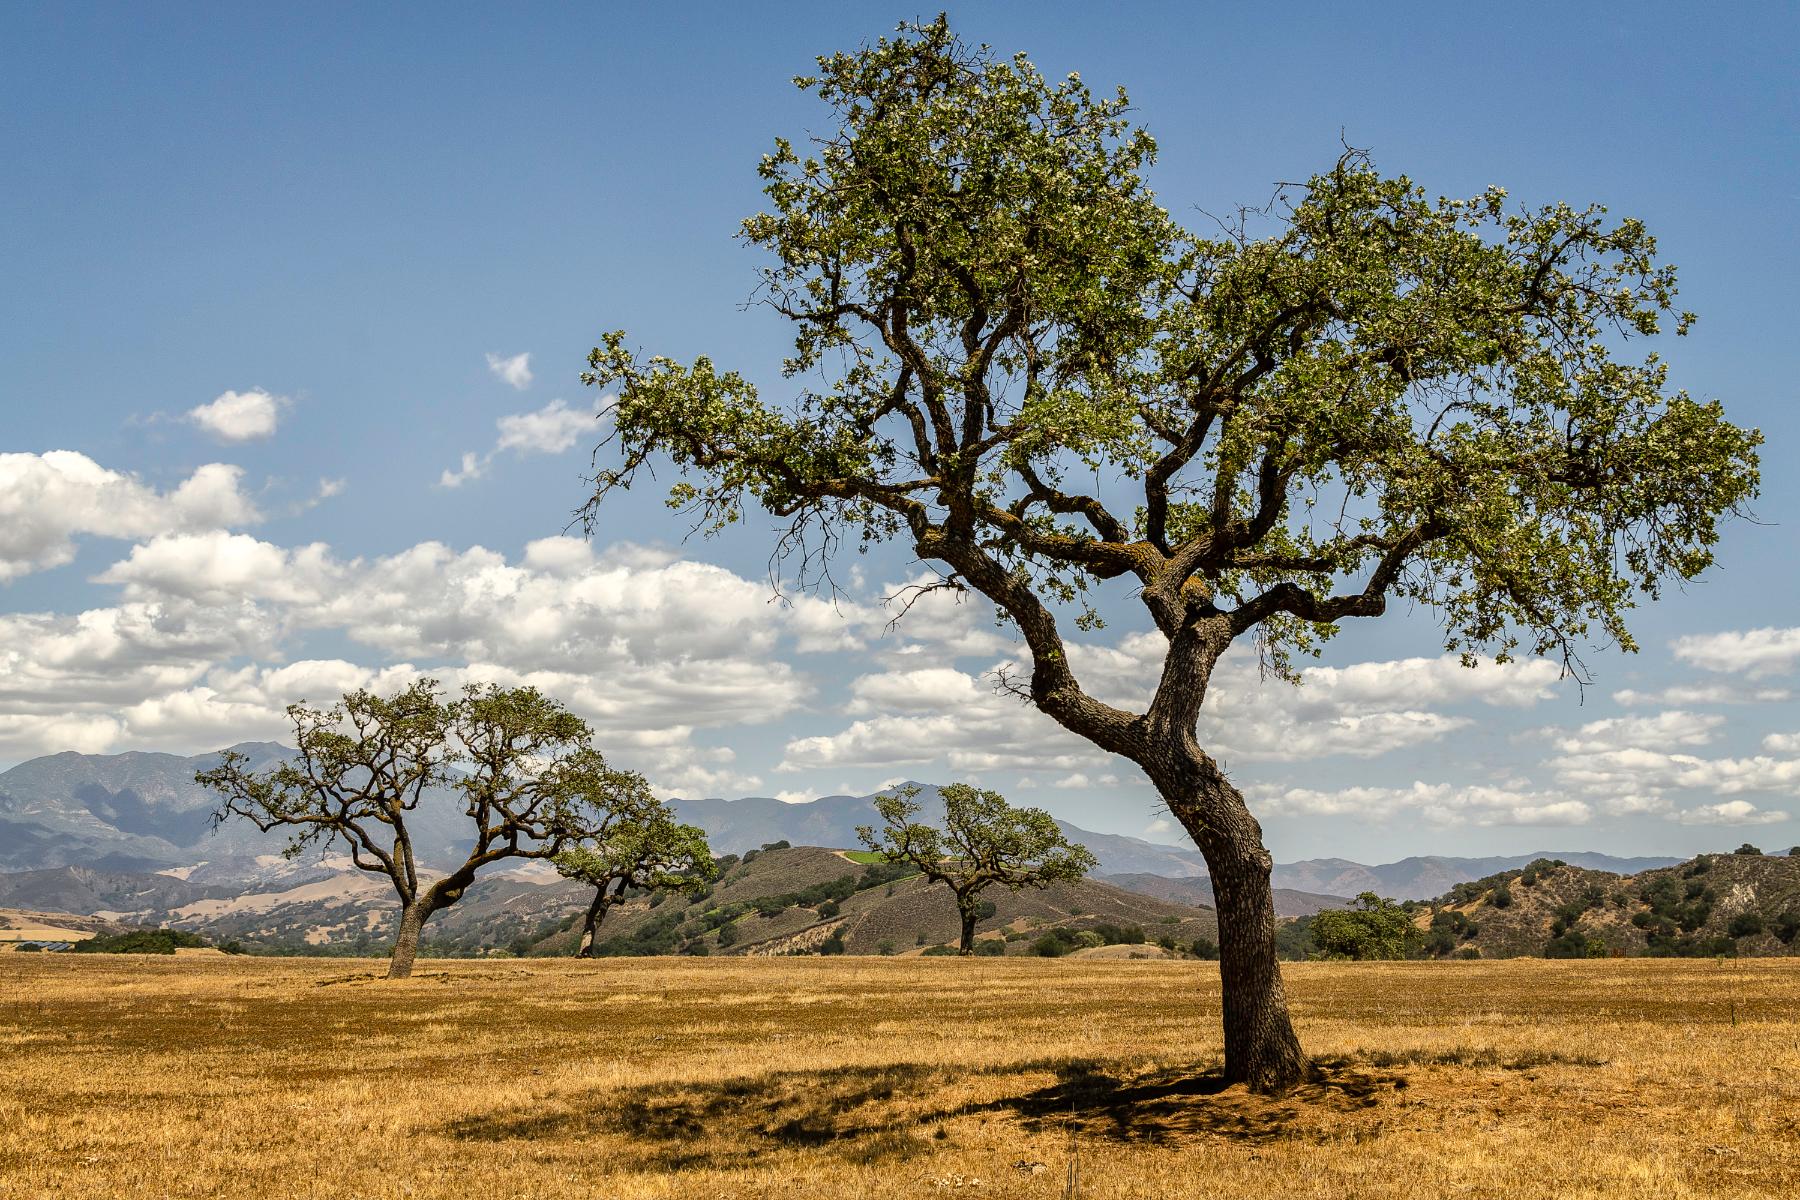 California's Serengeti